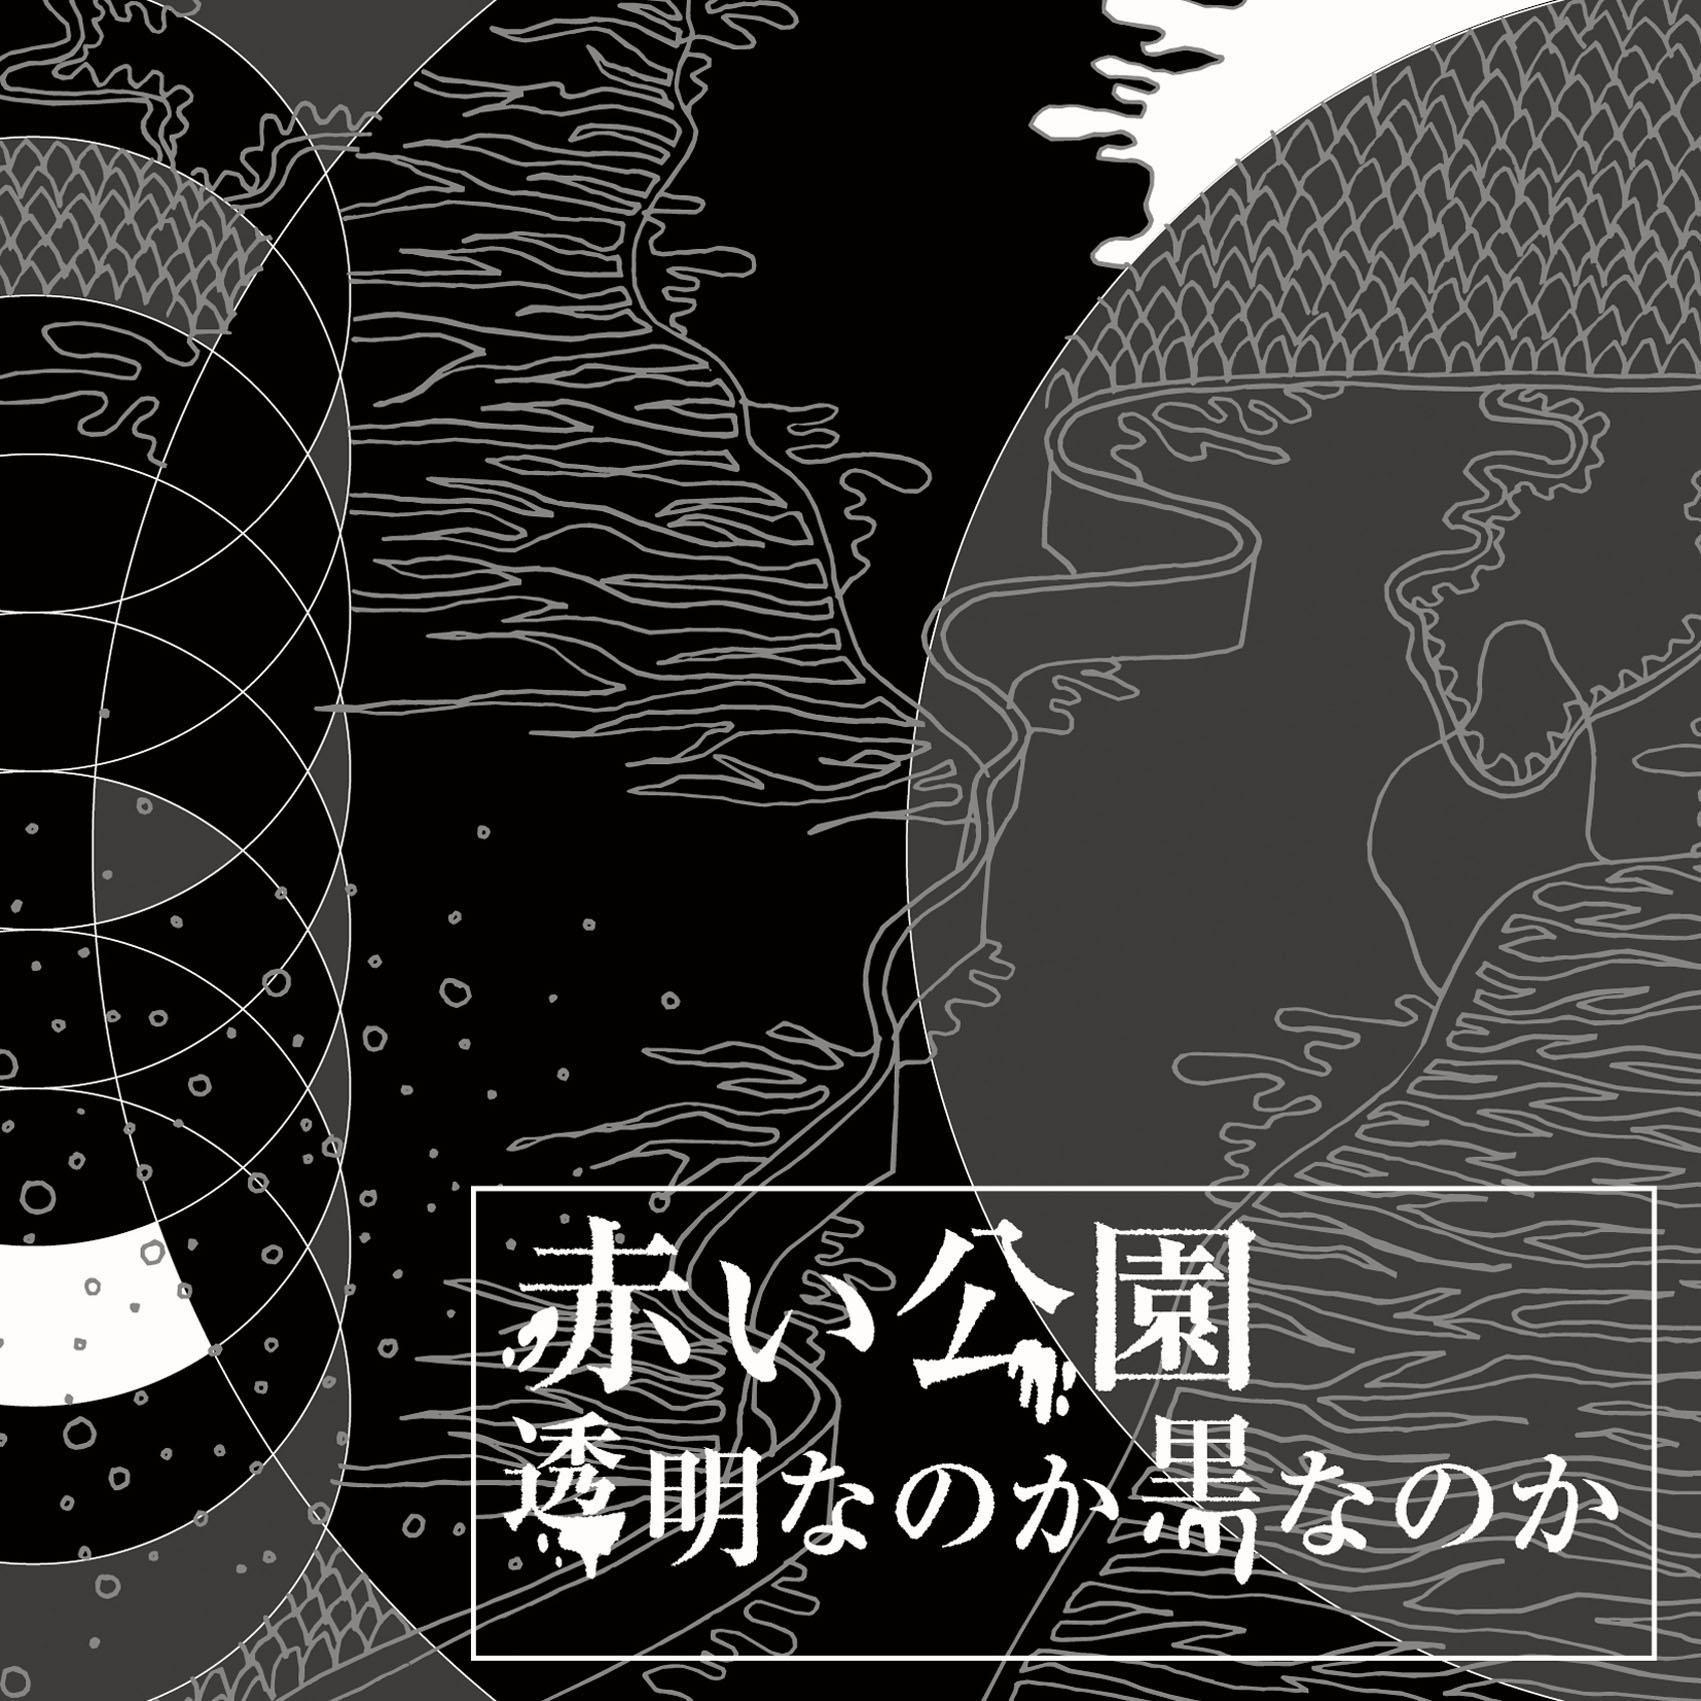 赤い公園 (あかいこうえん) メジャーデビューミニアルバム (黒盤)『透明なのか黒なのか』(2012年2月15日発売) 高画質CDジャケット画像 (ジャケ写)